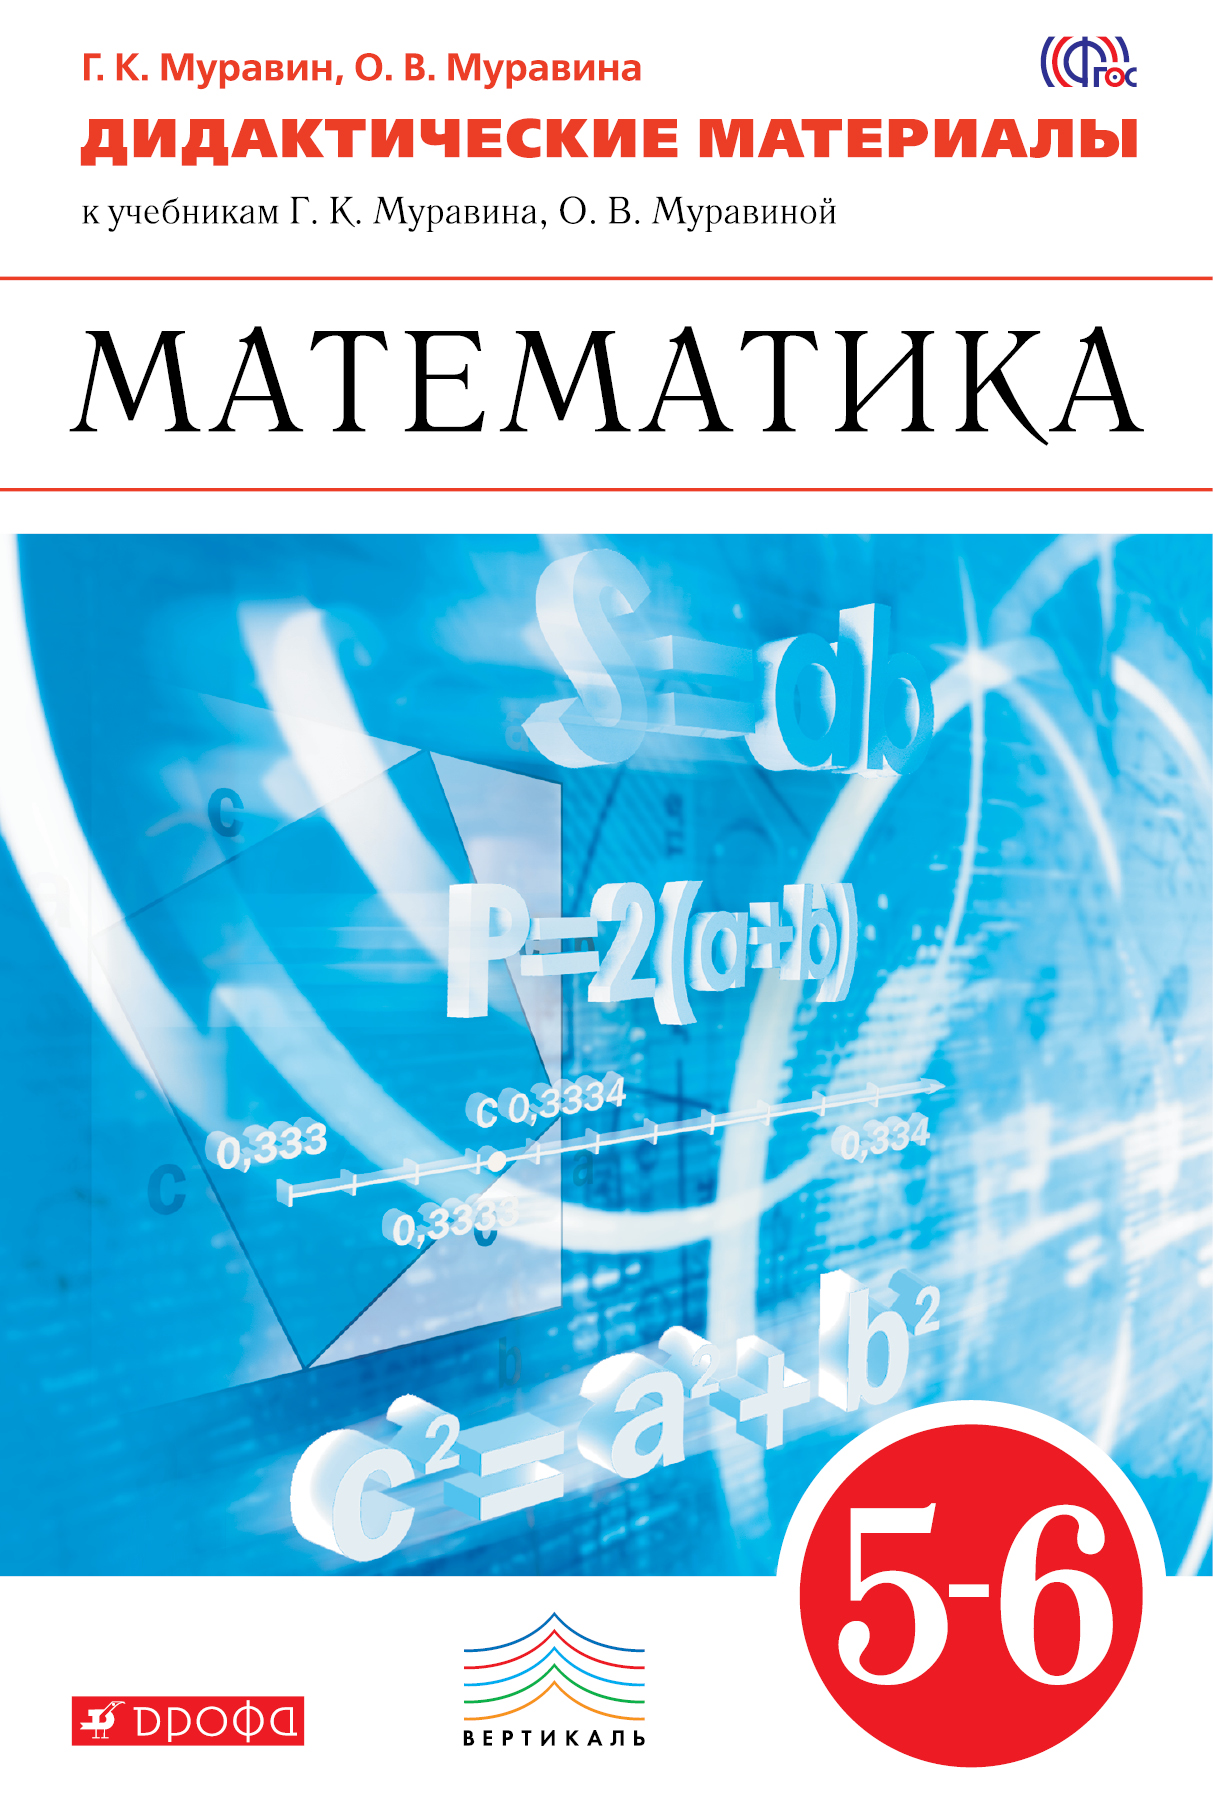 Математика 5-6кл [Дидактич.матер.] ВЕРТИКАЛЬ